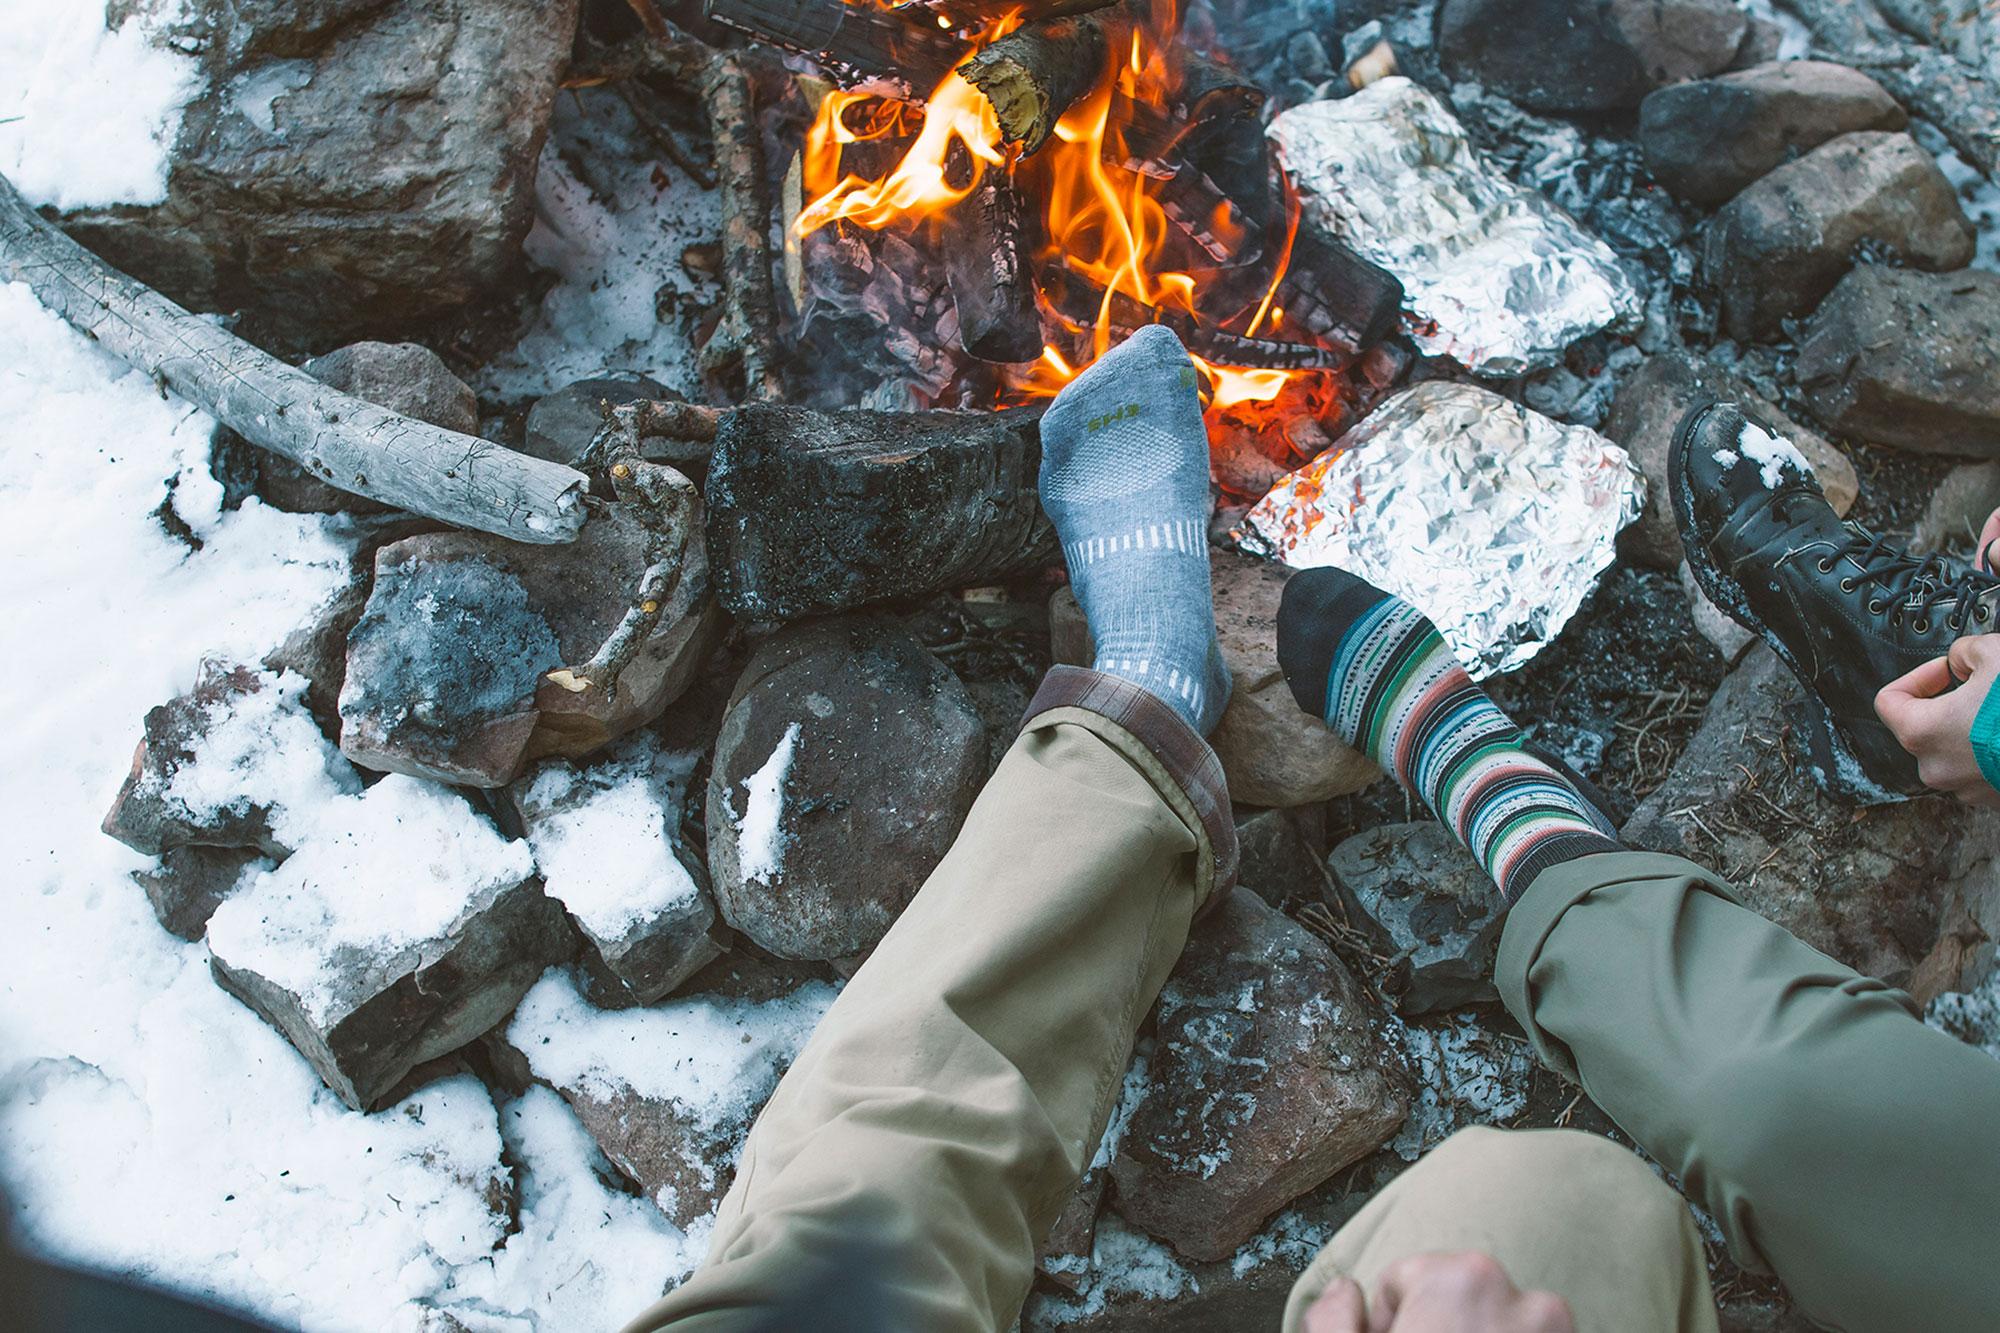 W17_Camp_Chill_Socks_Kemple---EMS---F17--7300